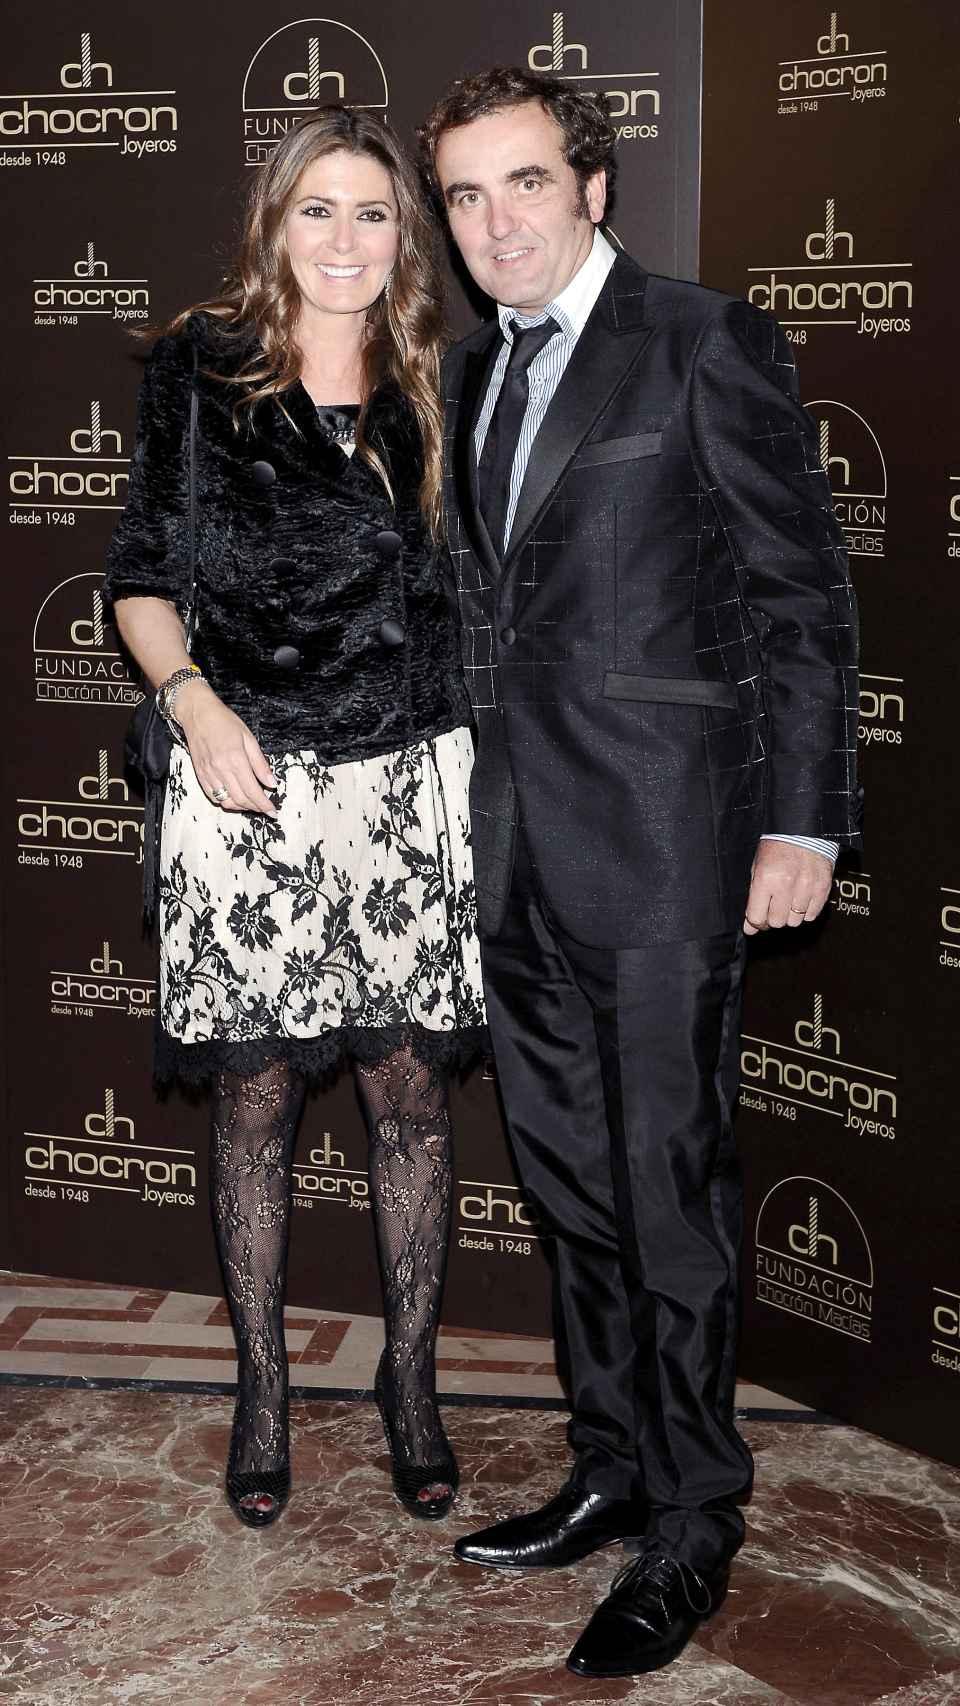 Montero y Marisa en una imagen en noviembre de 2011.